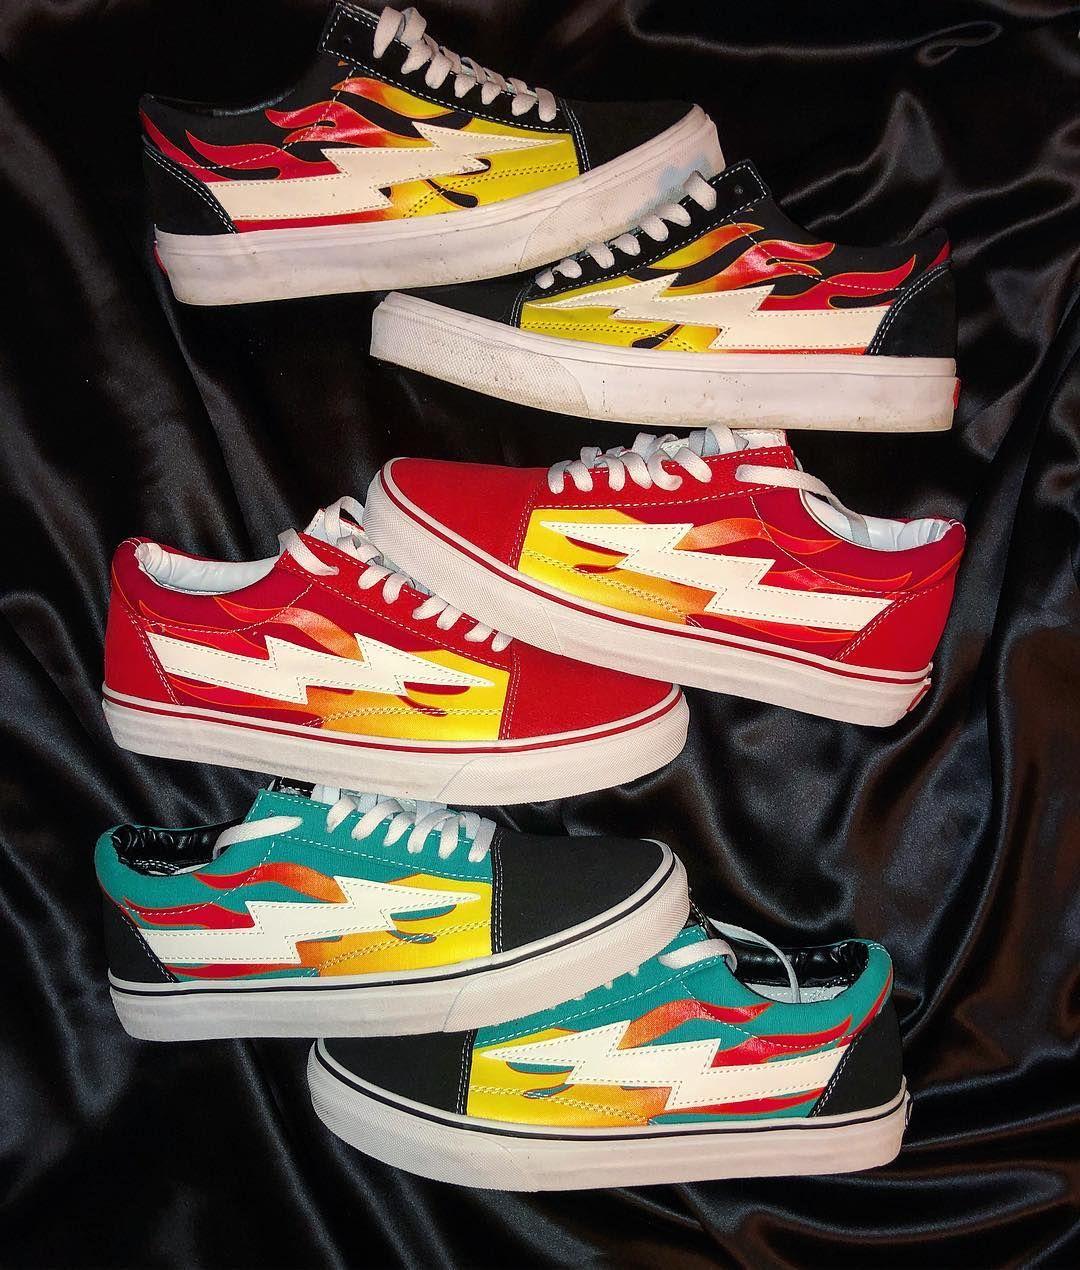 Flame Torm Custom Vans Shoes Vans Skate Shoes Sneakers N Stuff